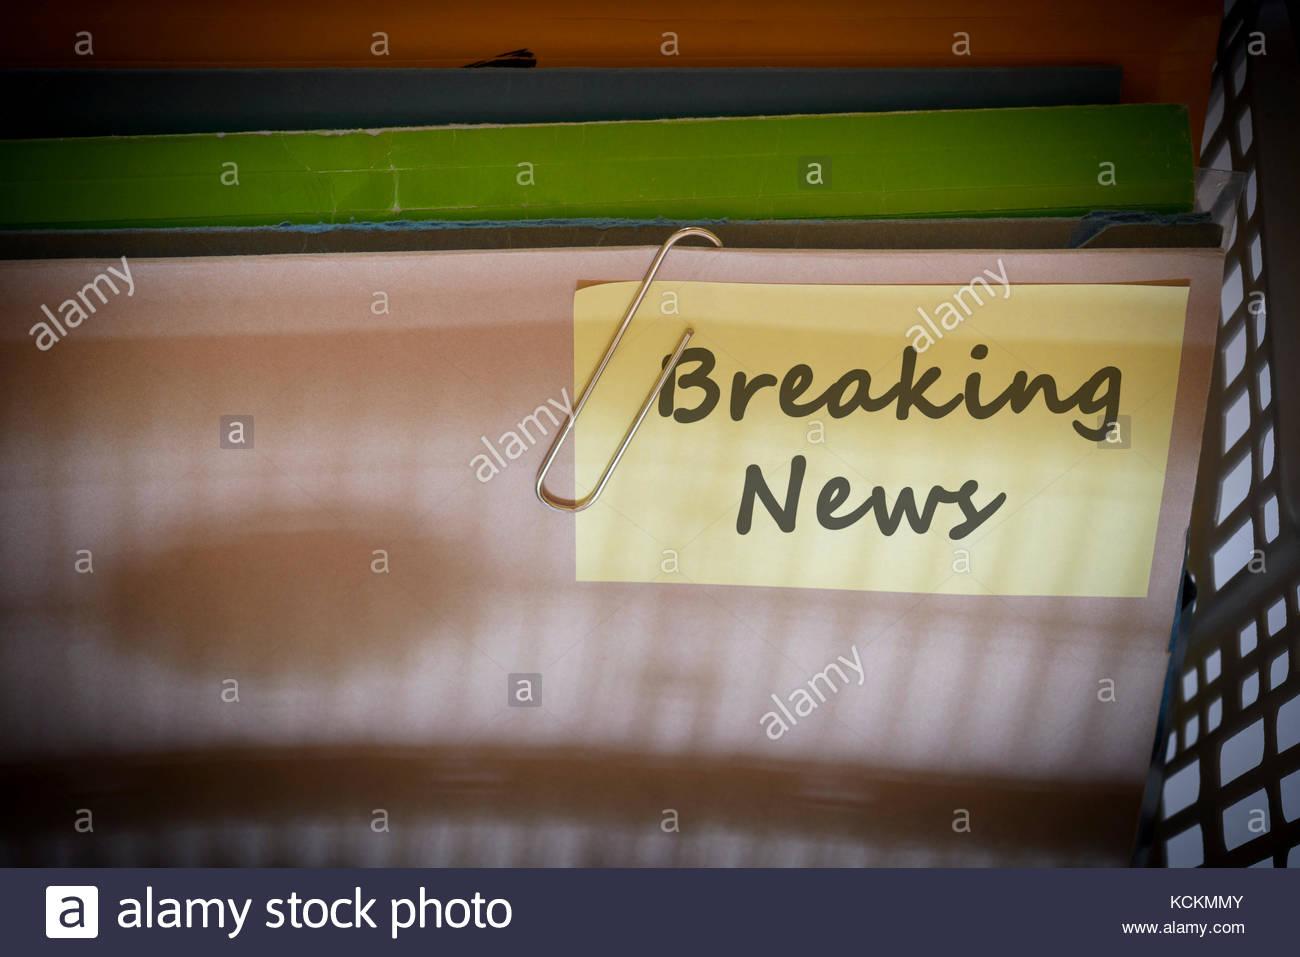 Breaking News written on document folder, Dorset, England. Stock Photo